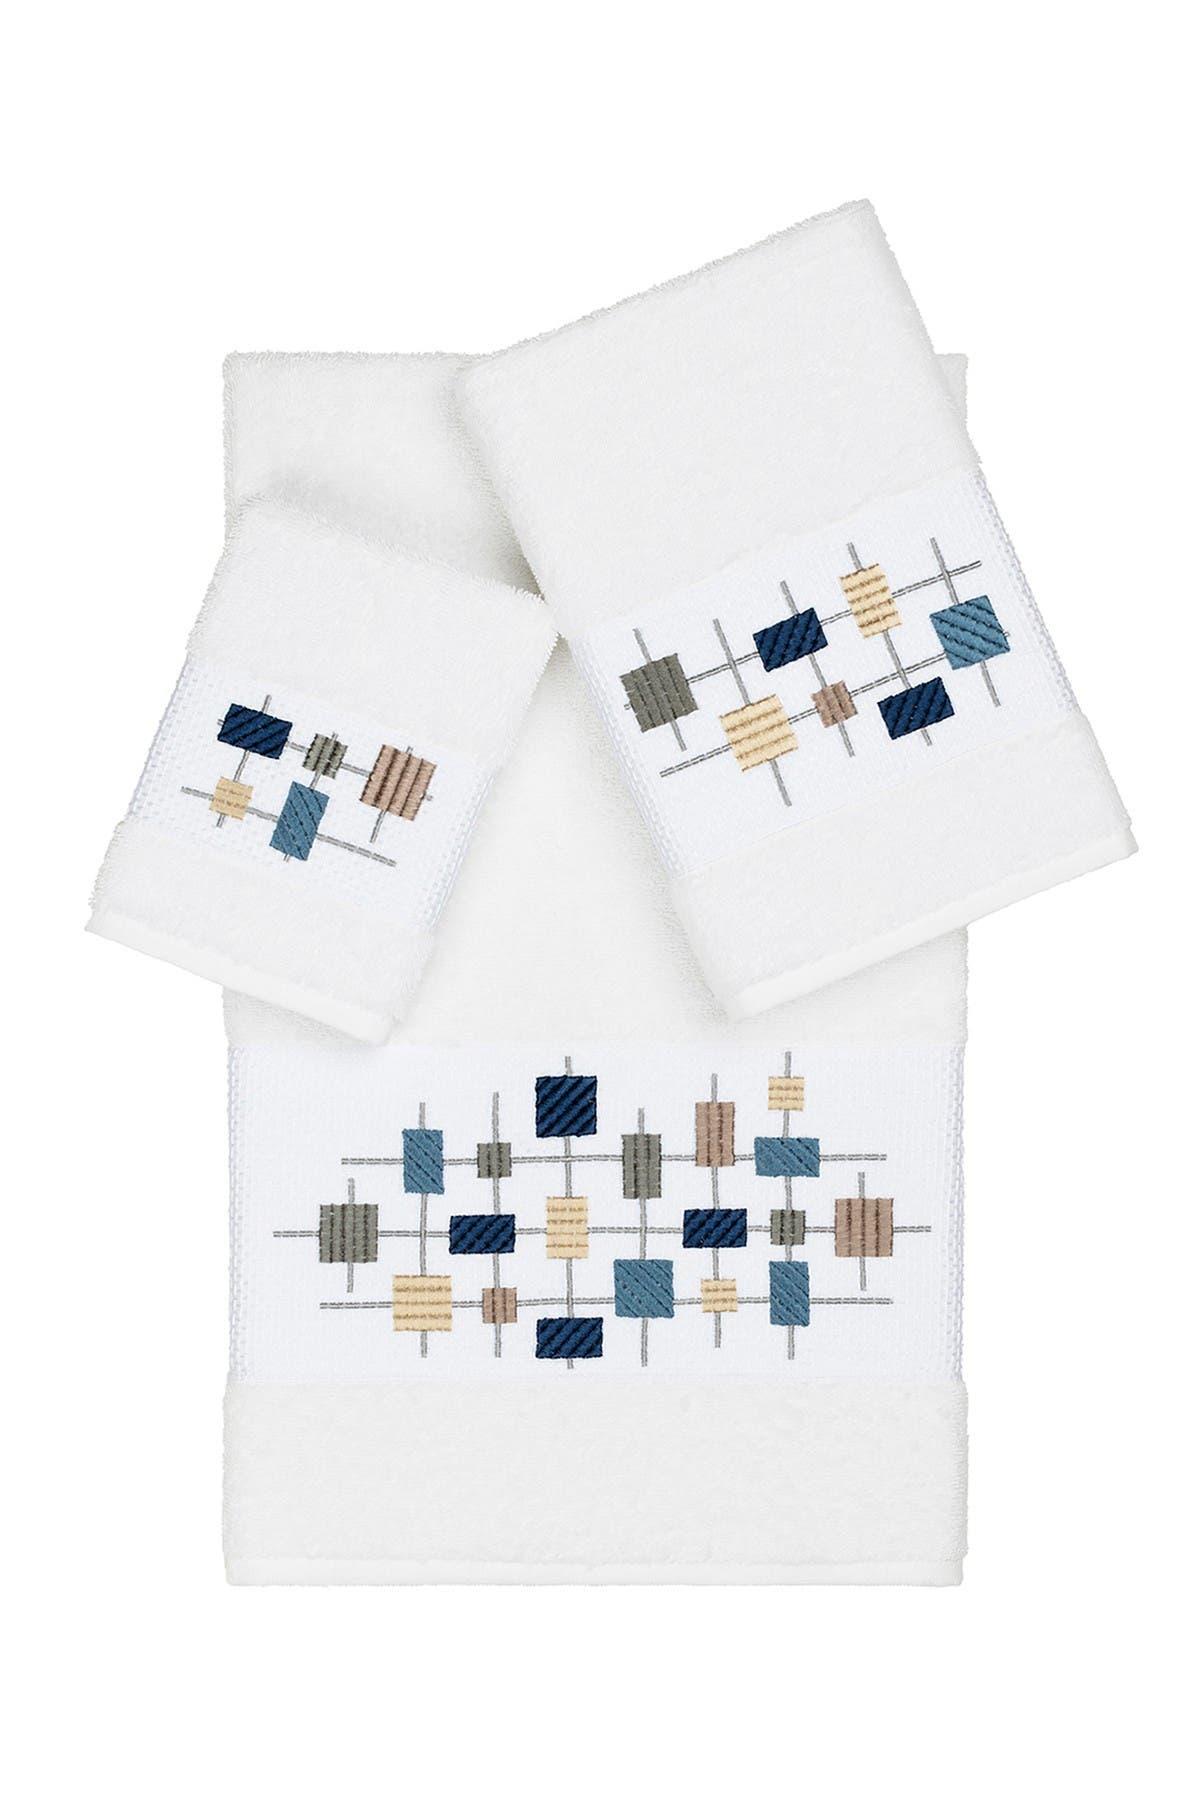 Image of LINUM HOME Khloe 3-Piece Embellished Towel Set - White